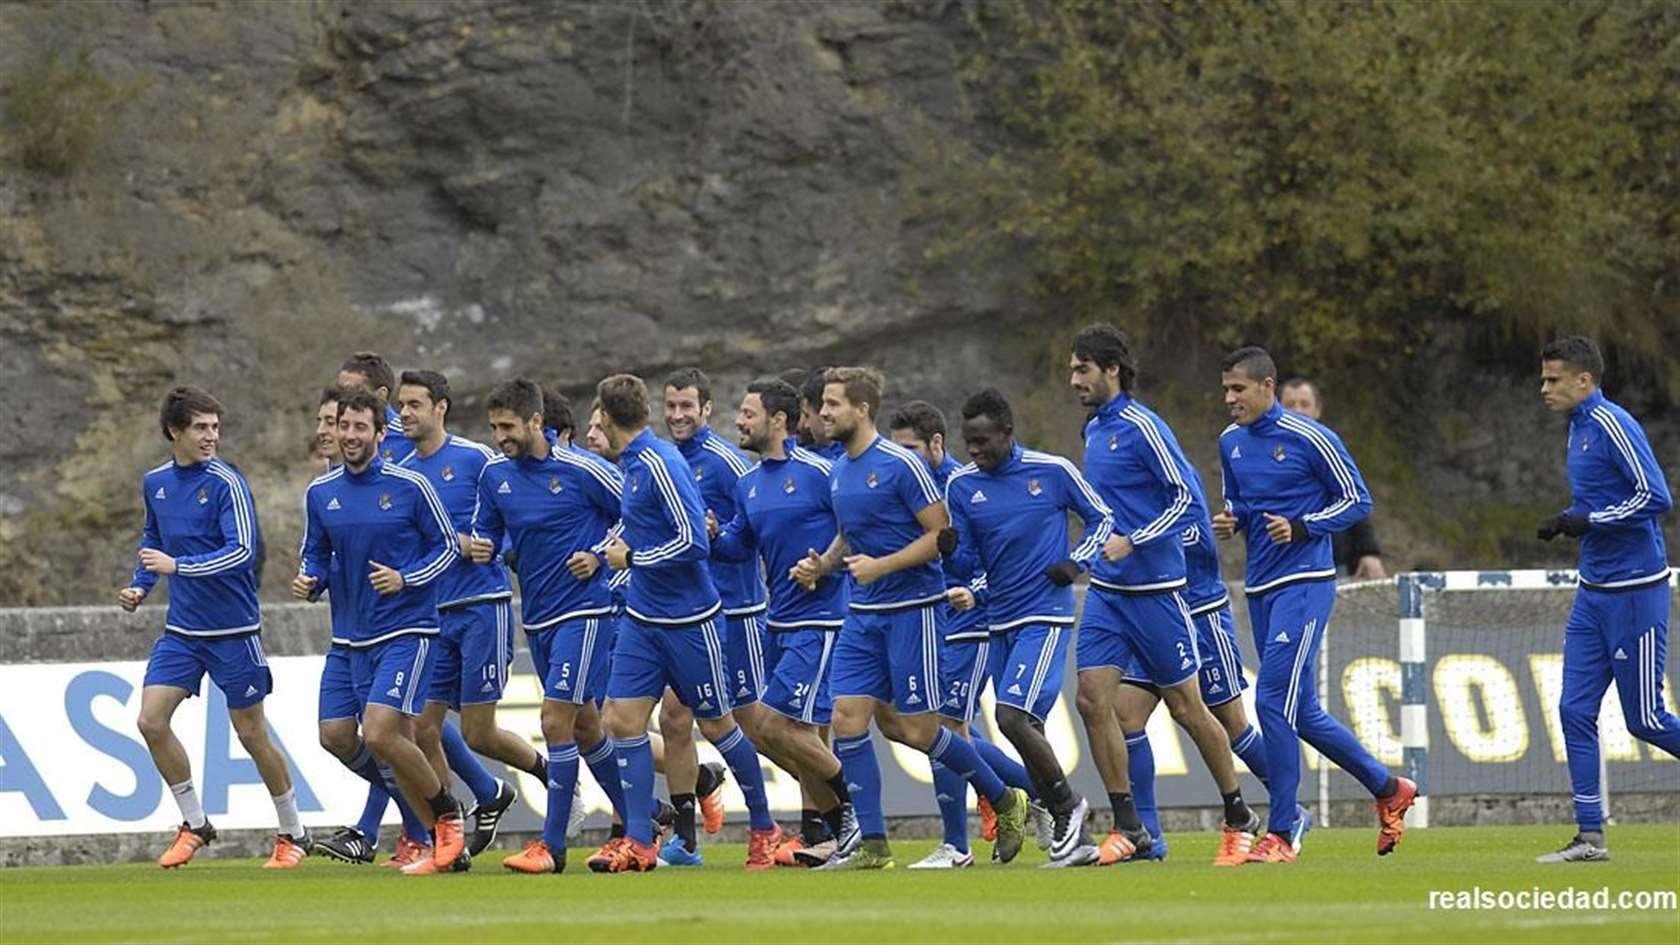 El primer equipo reanuda hoy martes el trabajo - Real Sociedad de ...